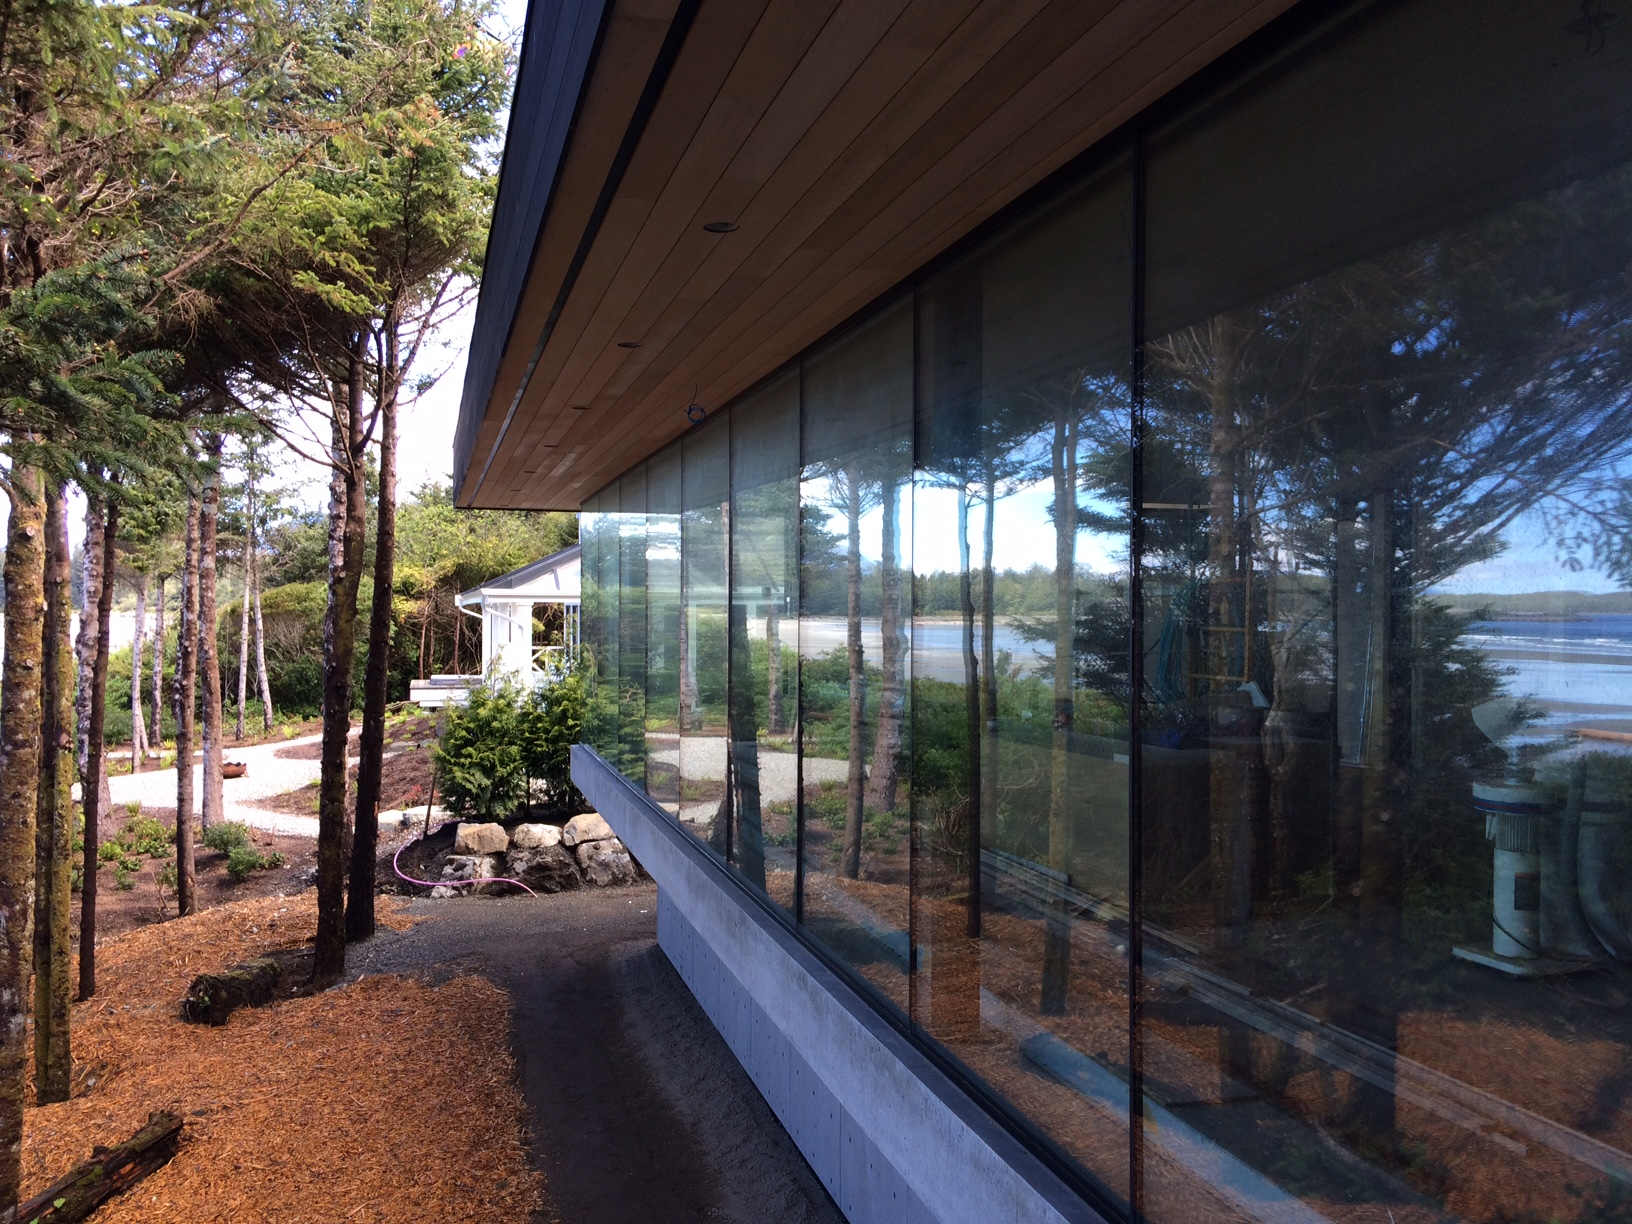 Exterior window shot overlooking the ocean view